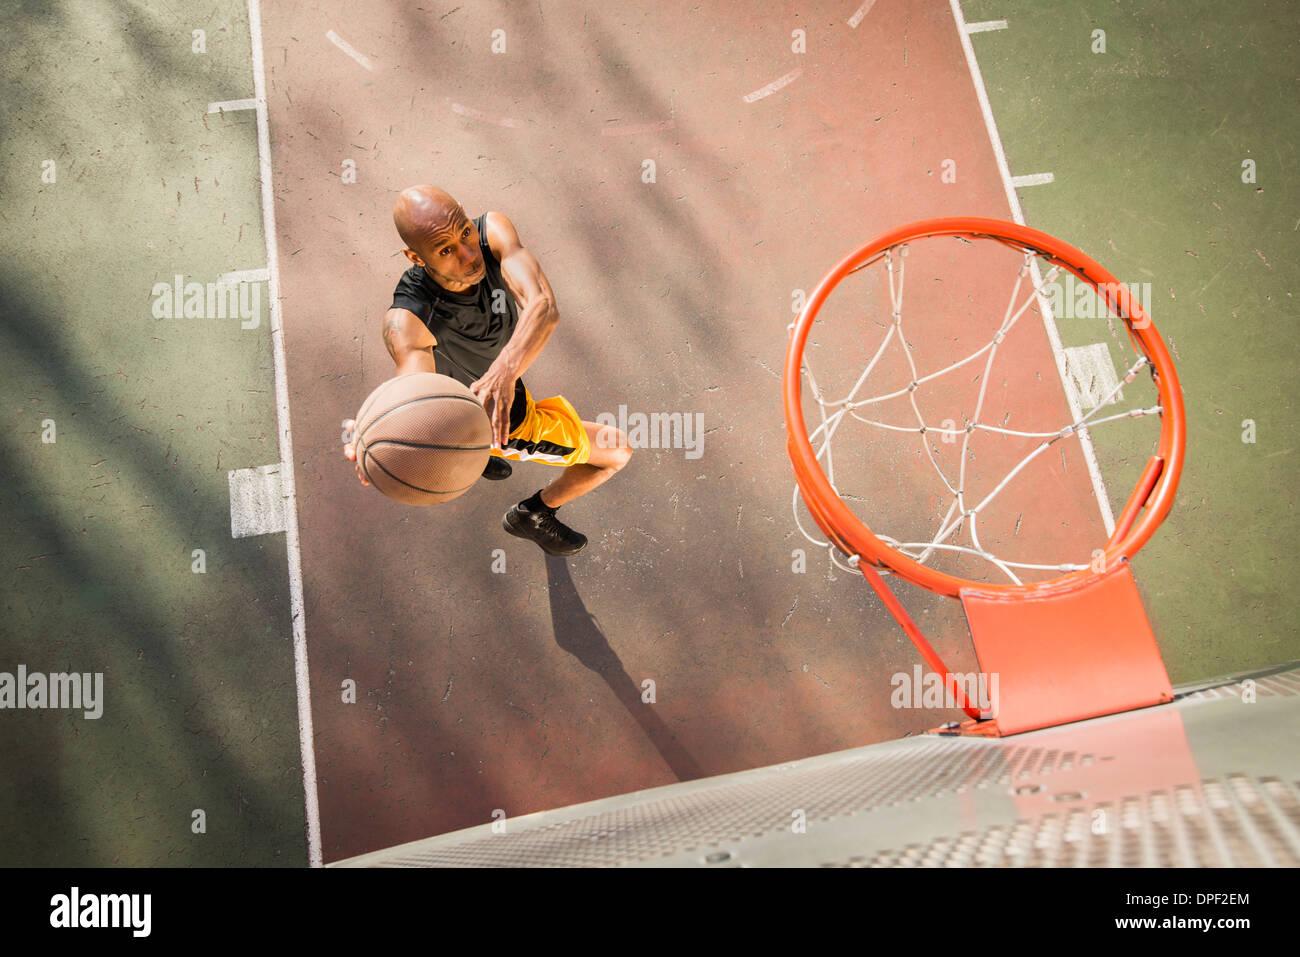 El jugador de baloncesto disparar Imagen De Stock